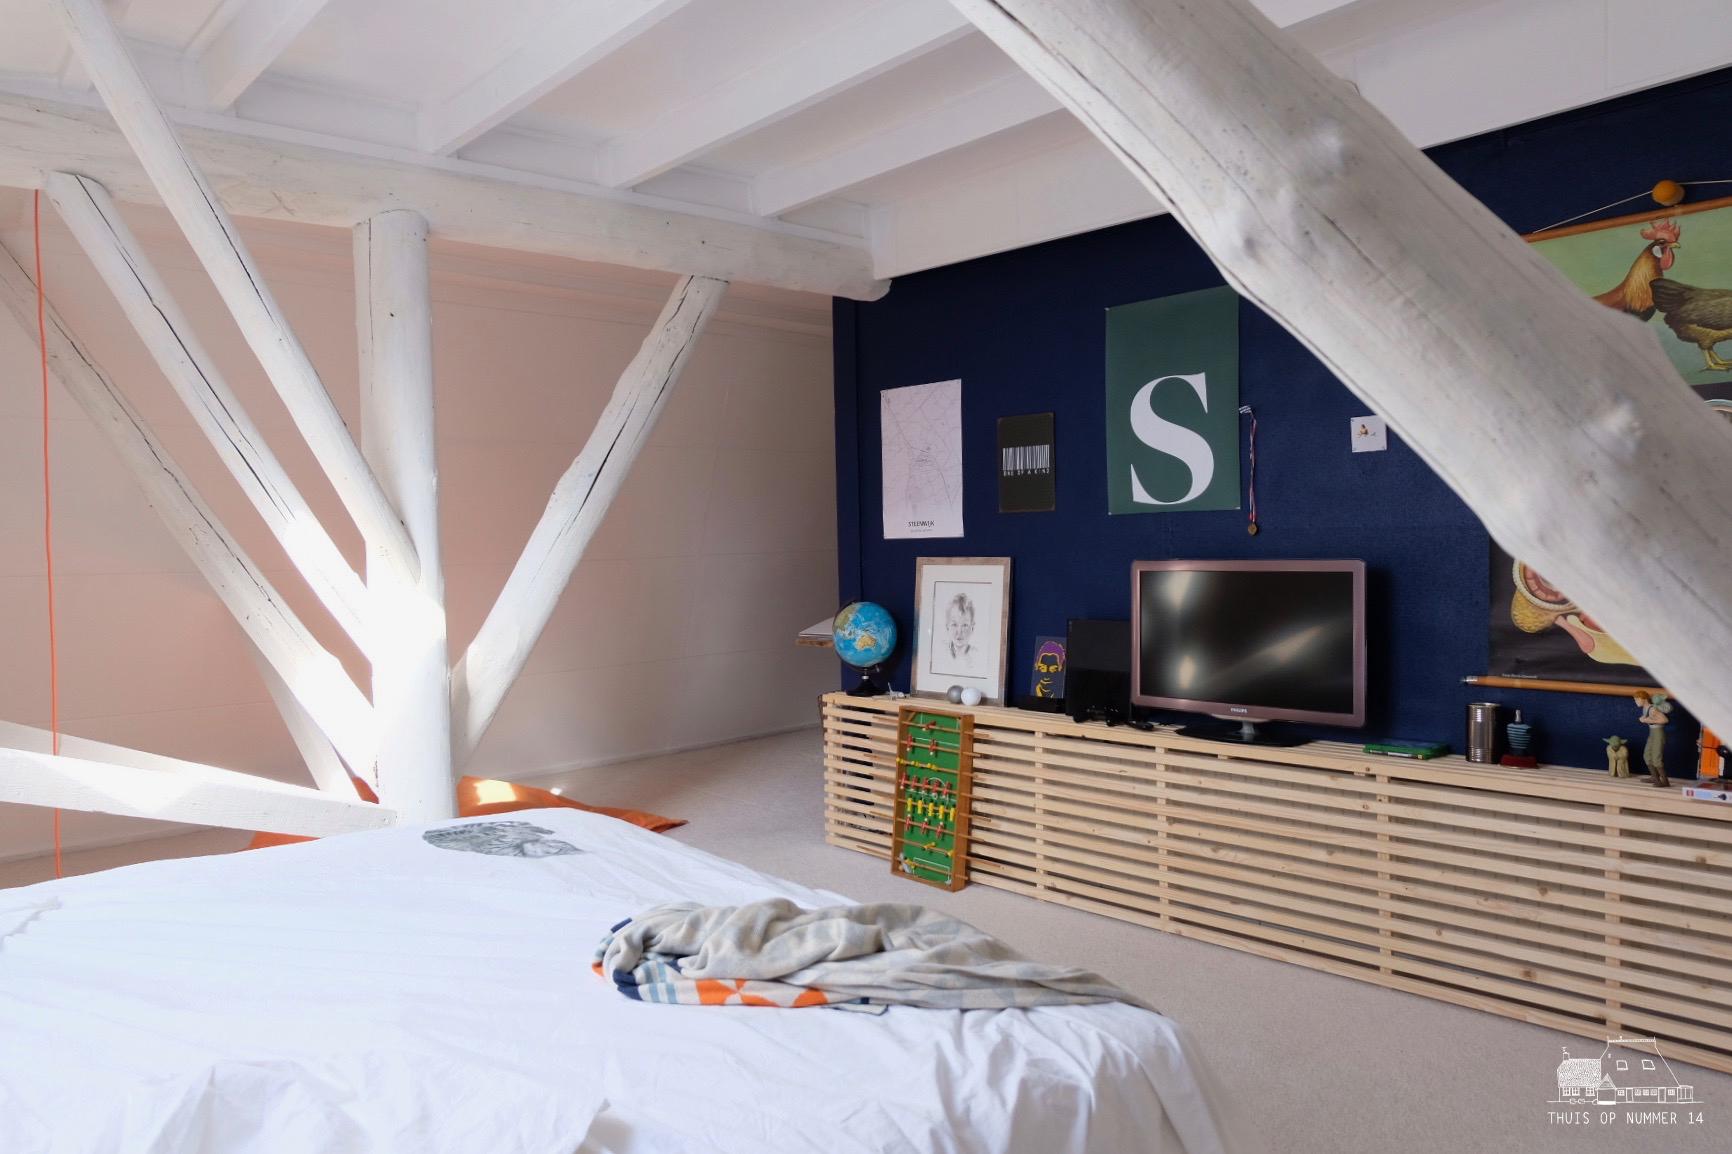 radiatorombouw #diy , blauwe wand #lushindigo , wanddecoratie en de witgeschilderde balken